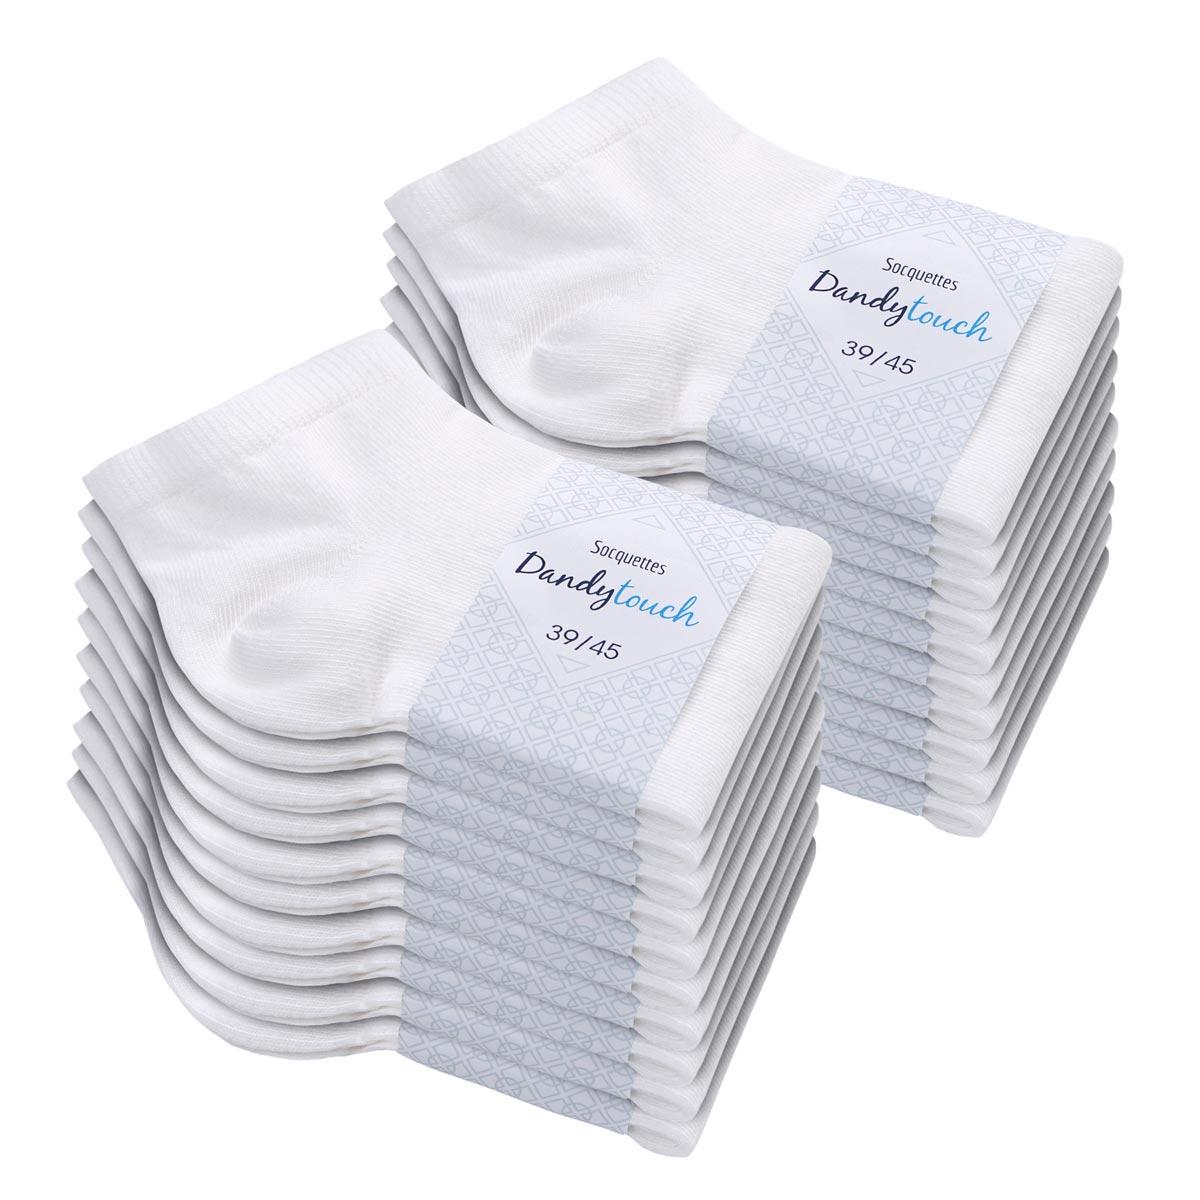 CH-00511_E12-1--_Soquettes-homme-blanc-coton-20-paires